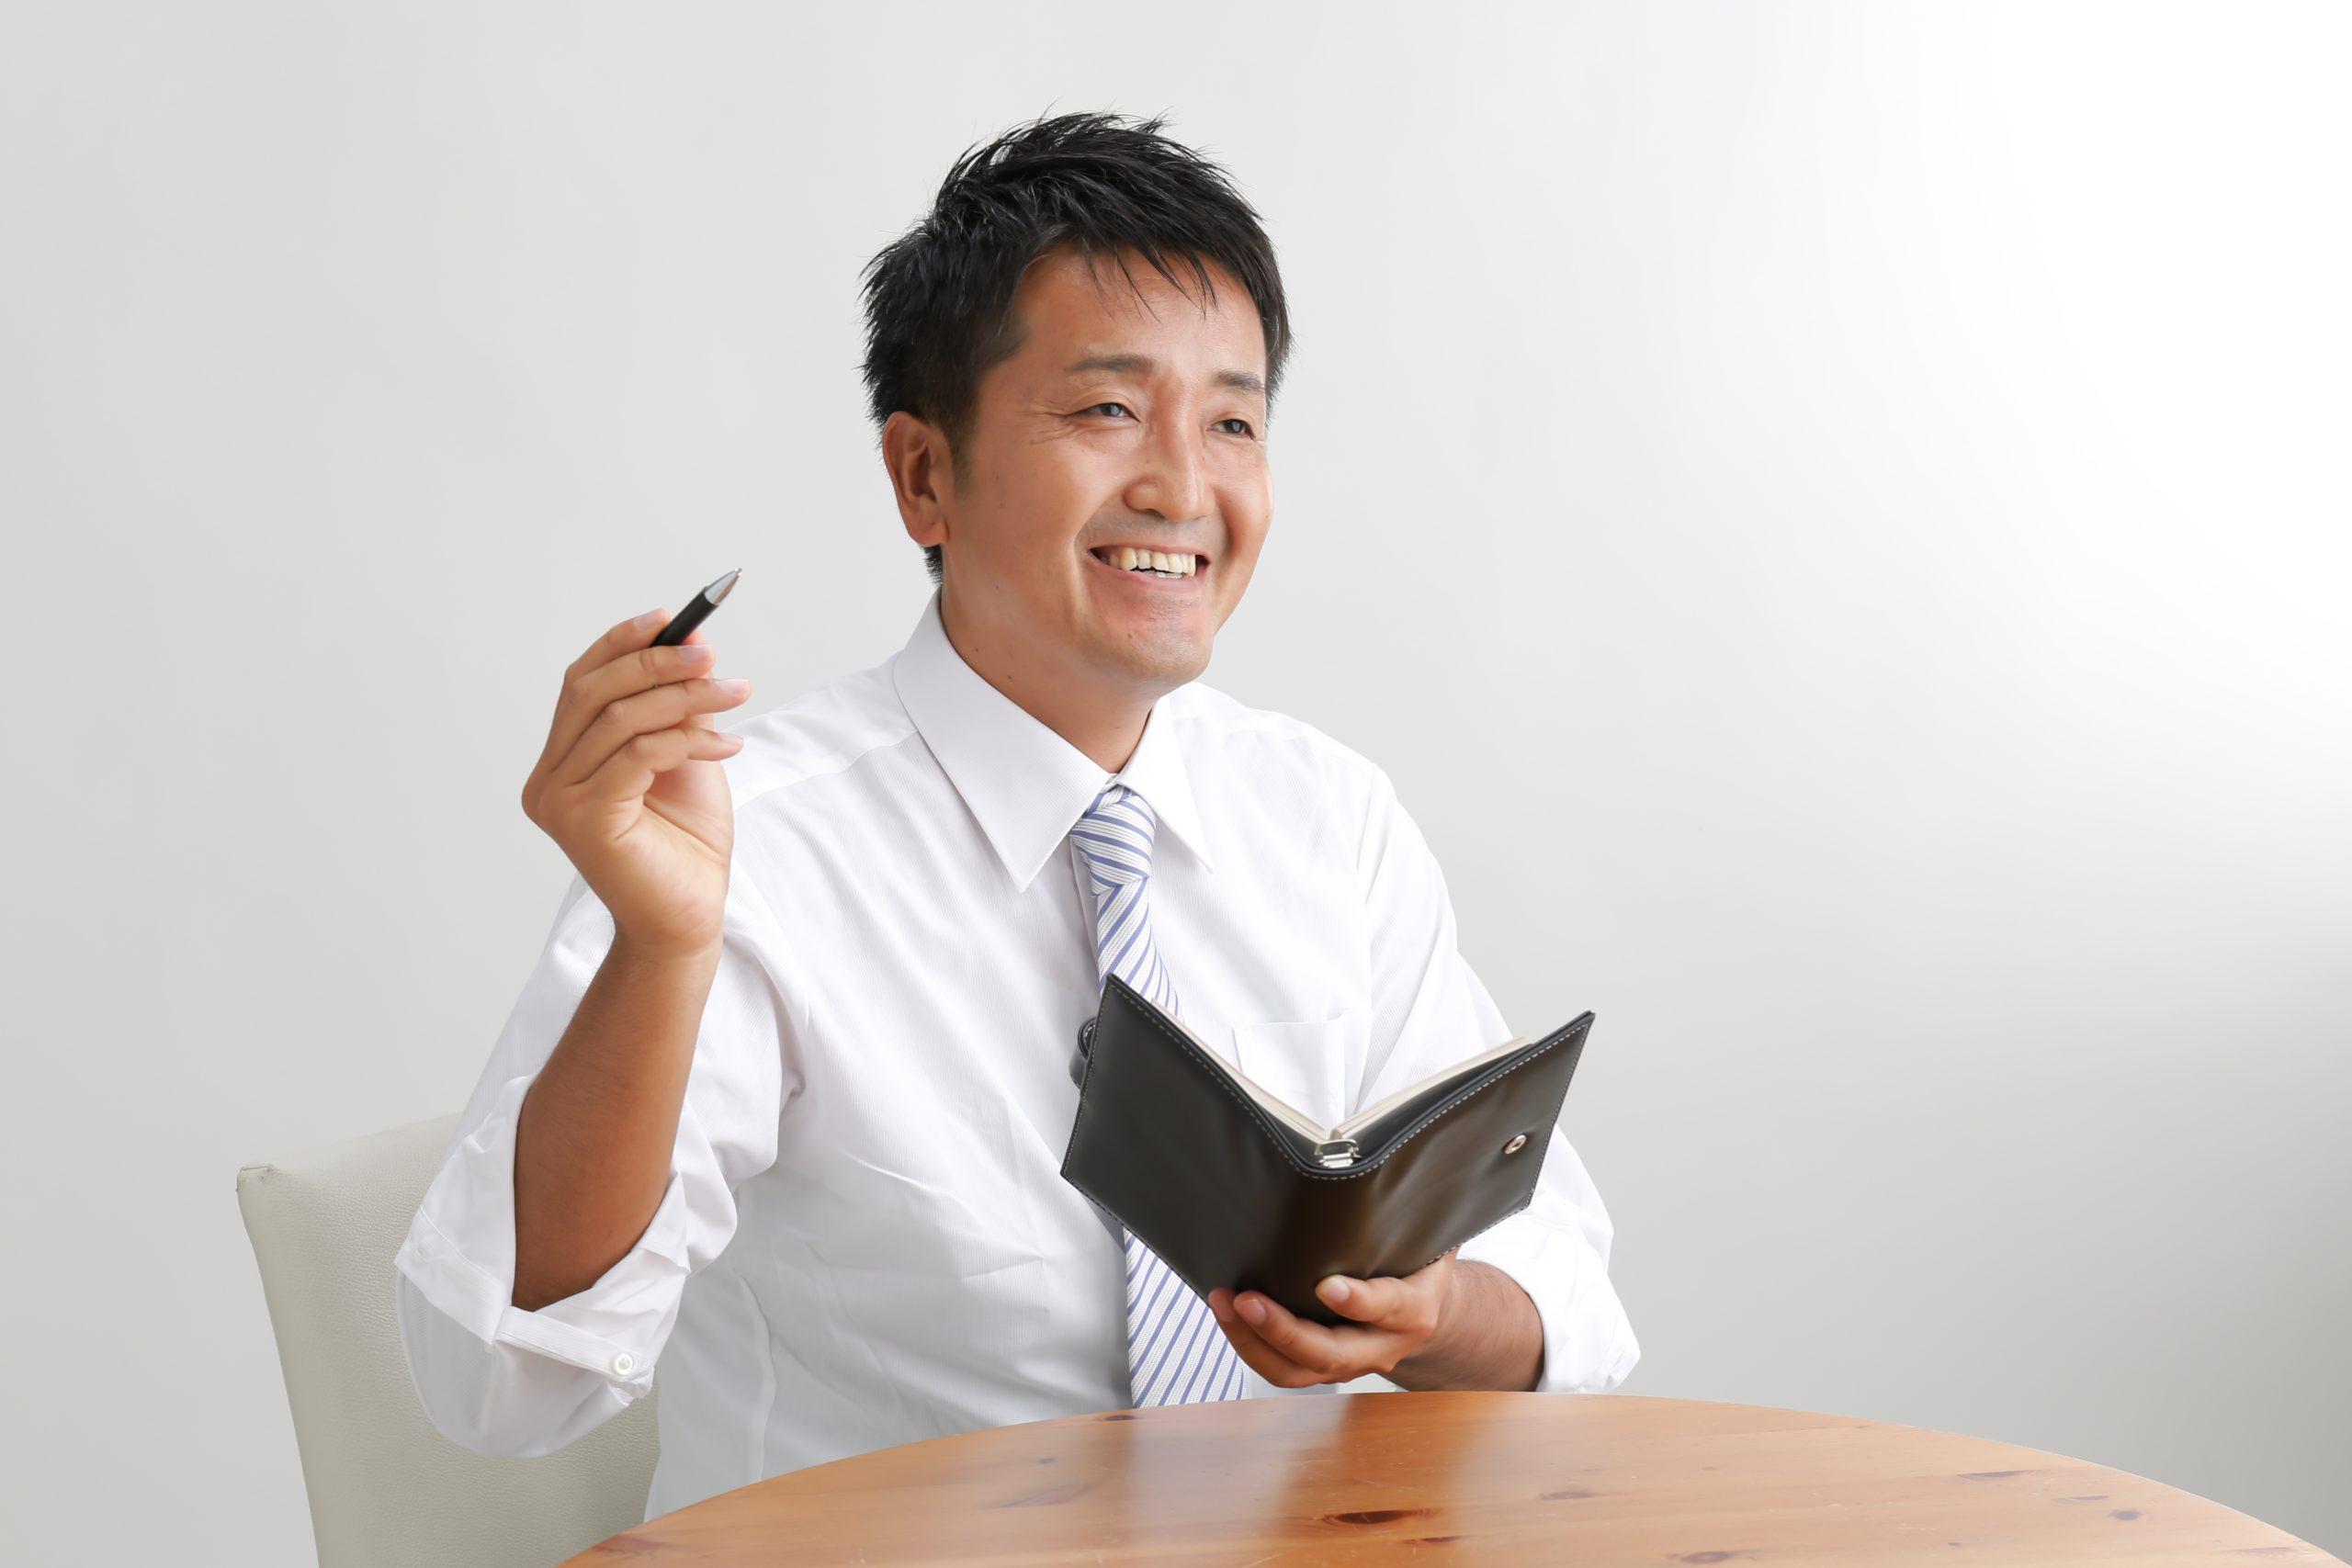 梶岡博樹-茨城3区-衆議院選挙 立憲民主党公認候補者(この木なんの木かじおか博樹)